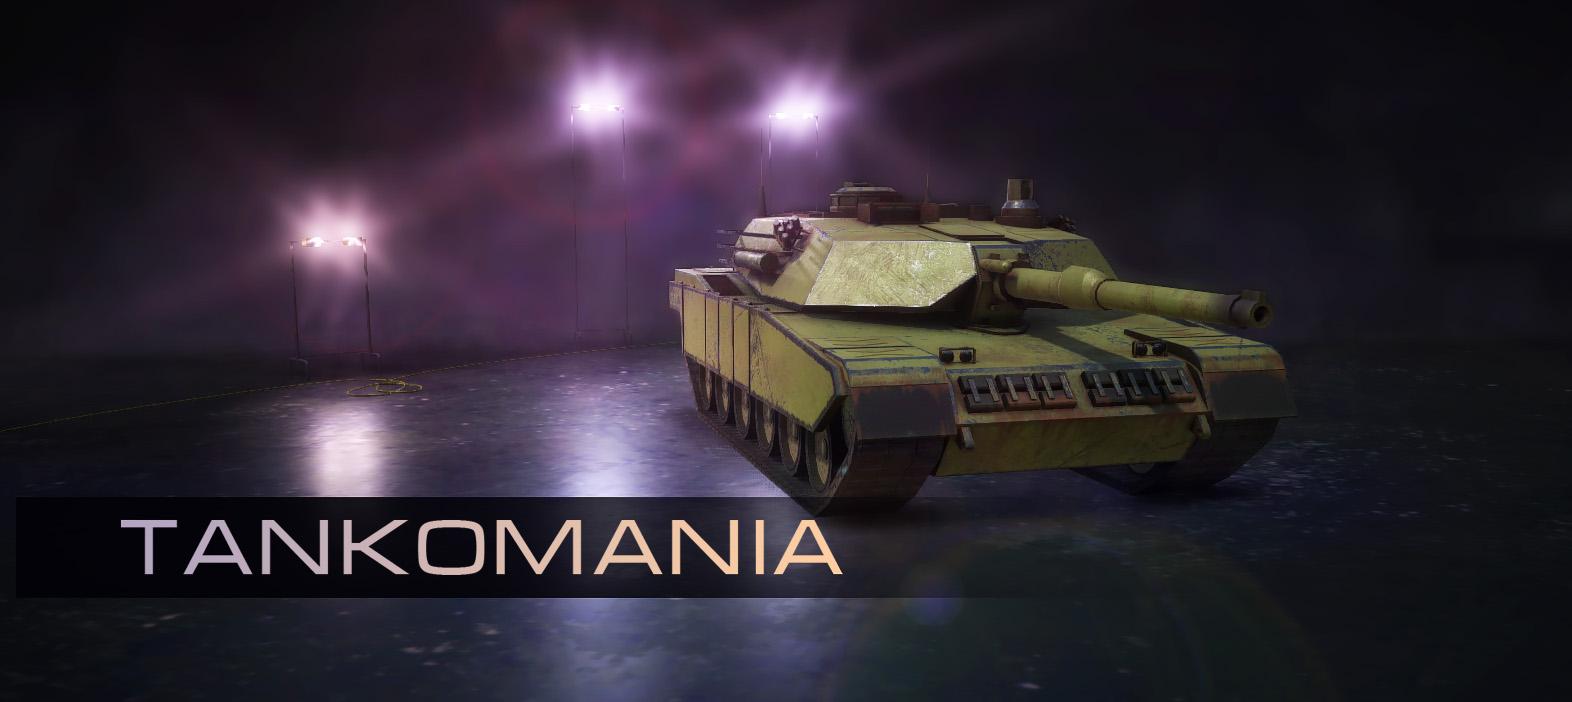 tm_title | Tankomania